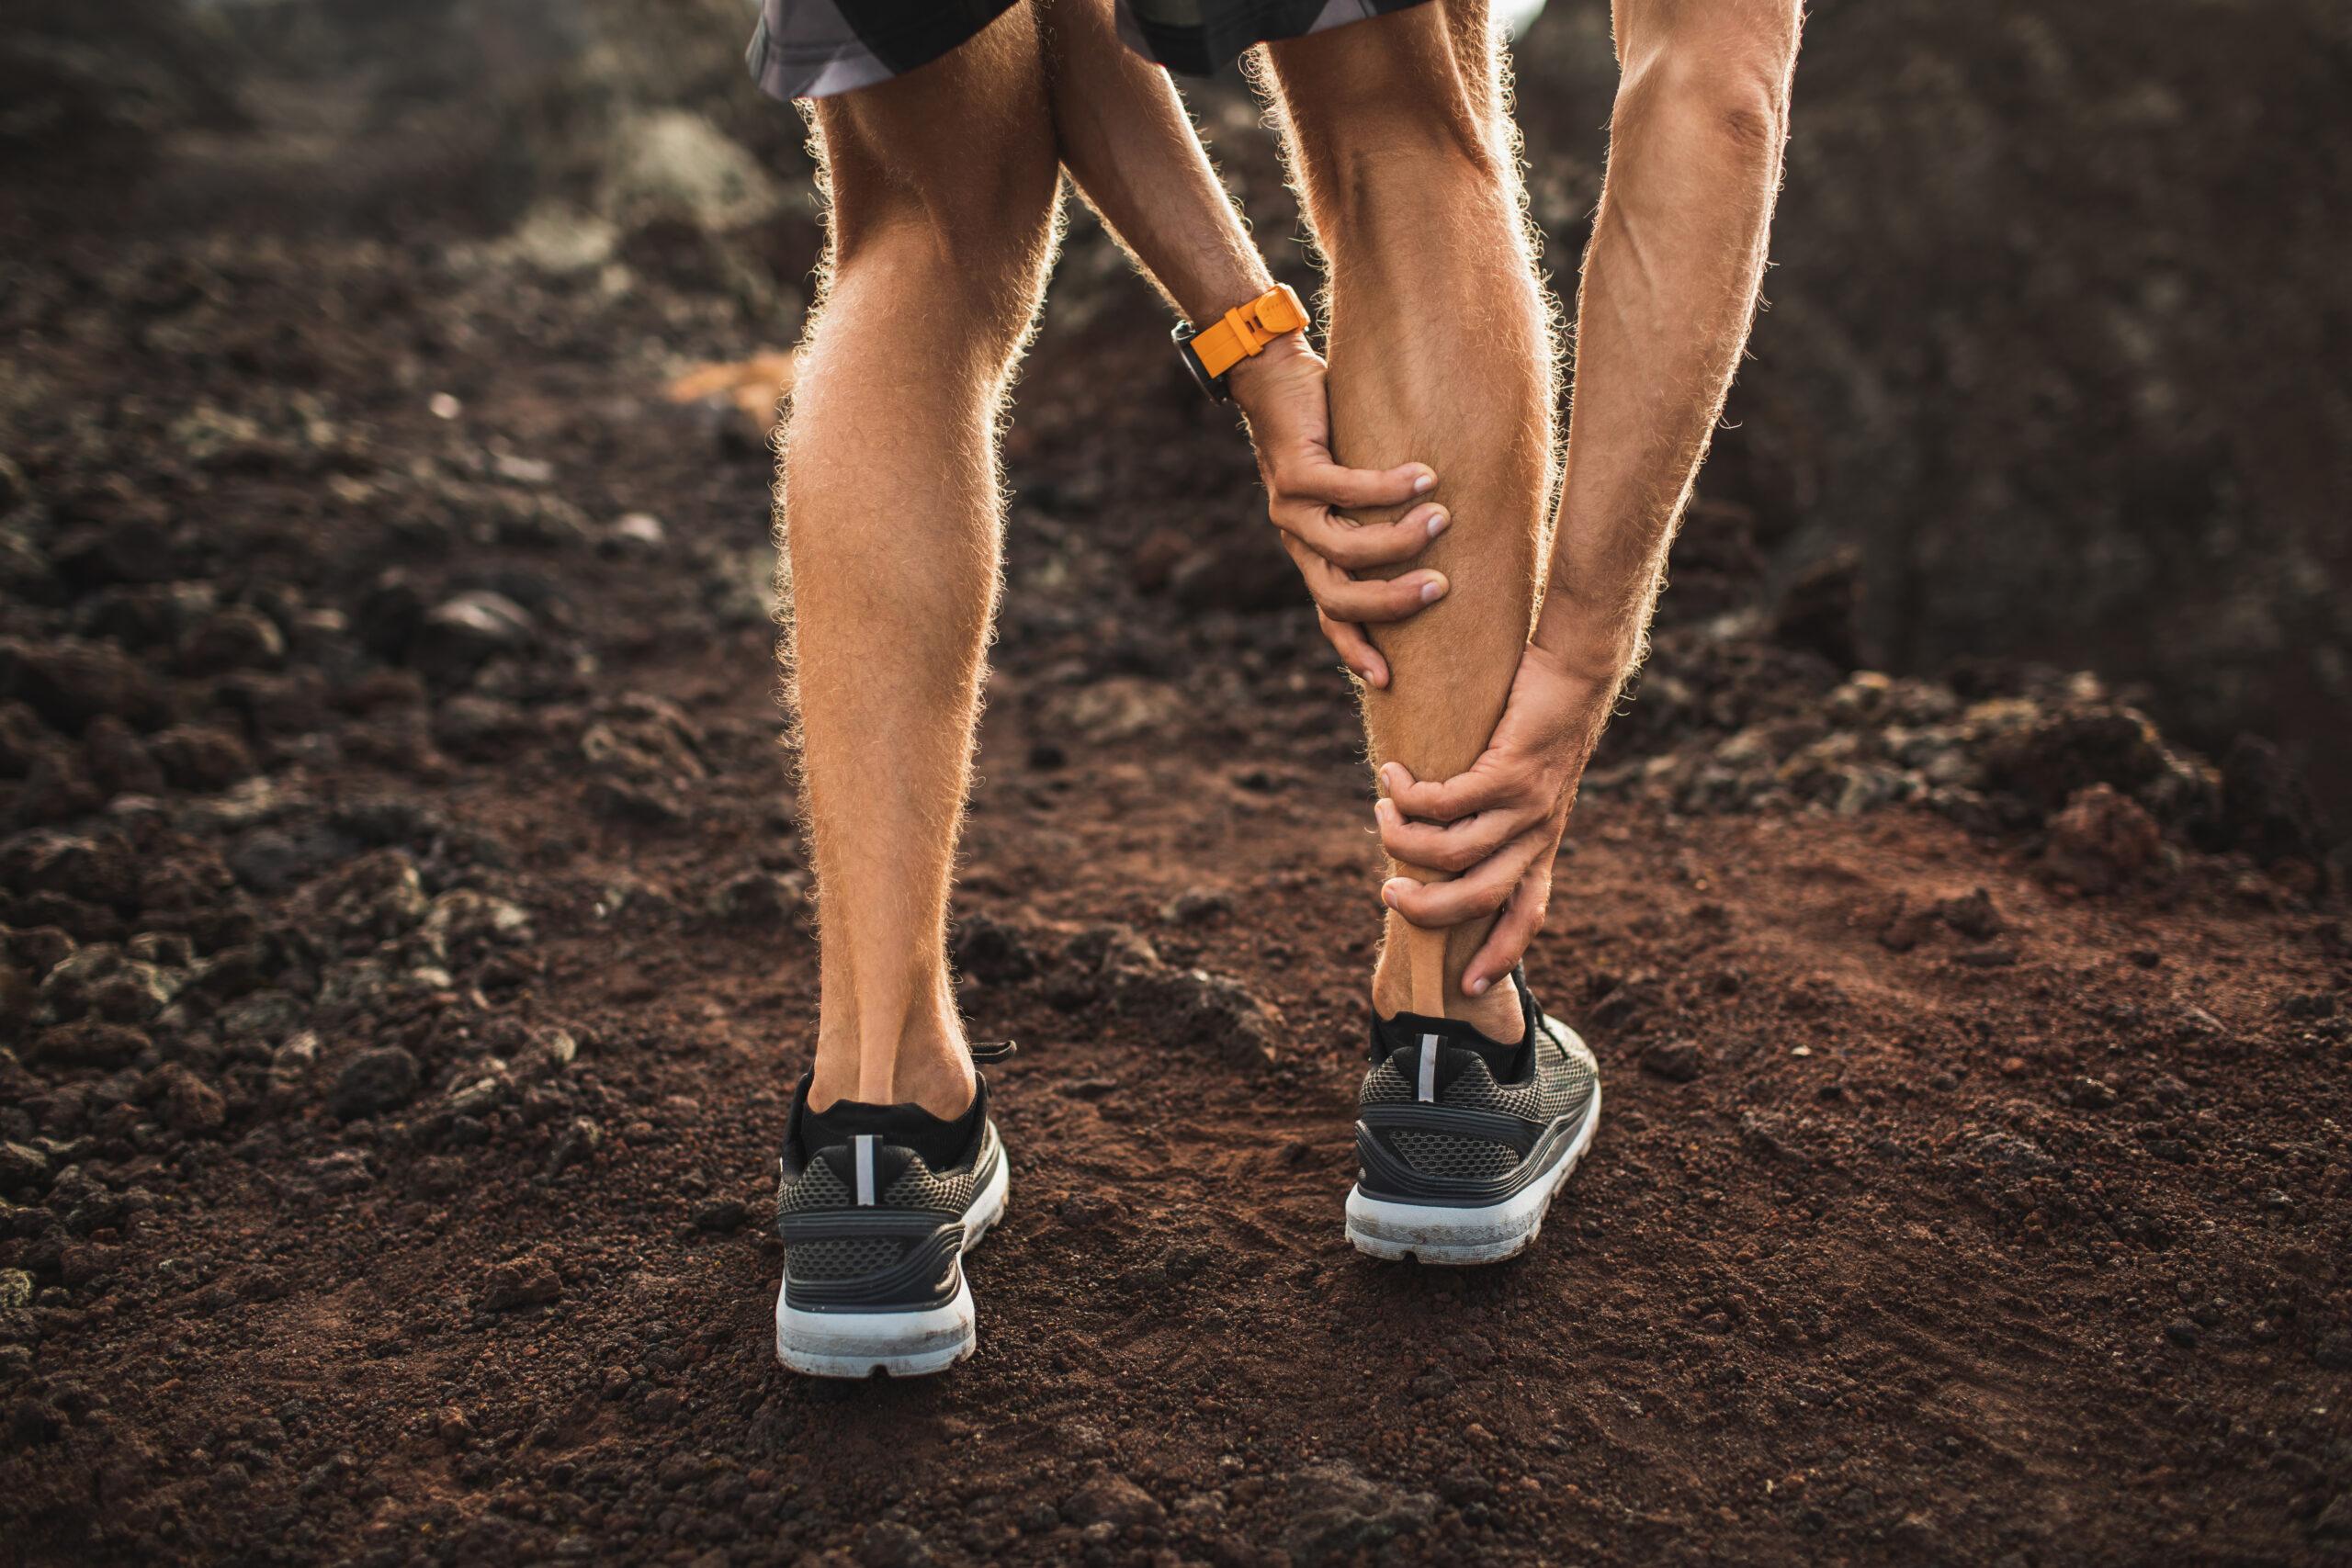 onderzoek en behandeling van shin splints door sportfysiotherapeut van sport medisch centrum papendal